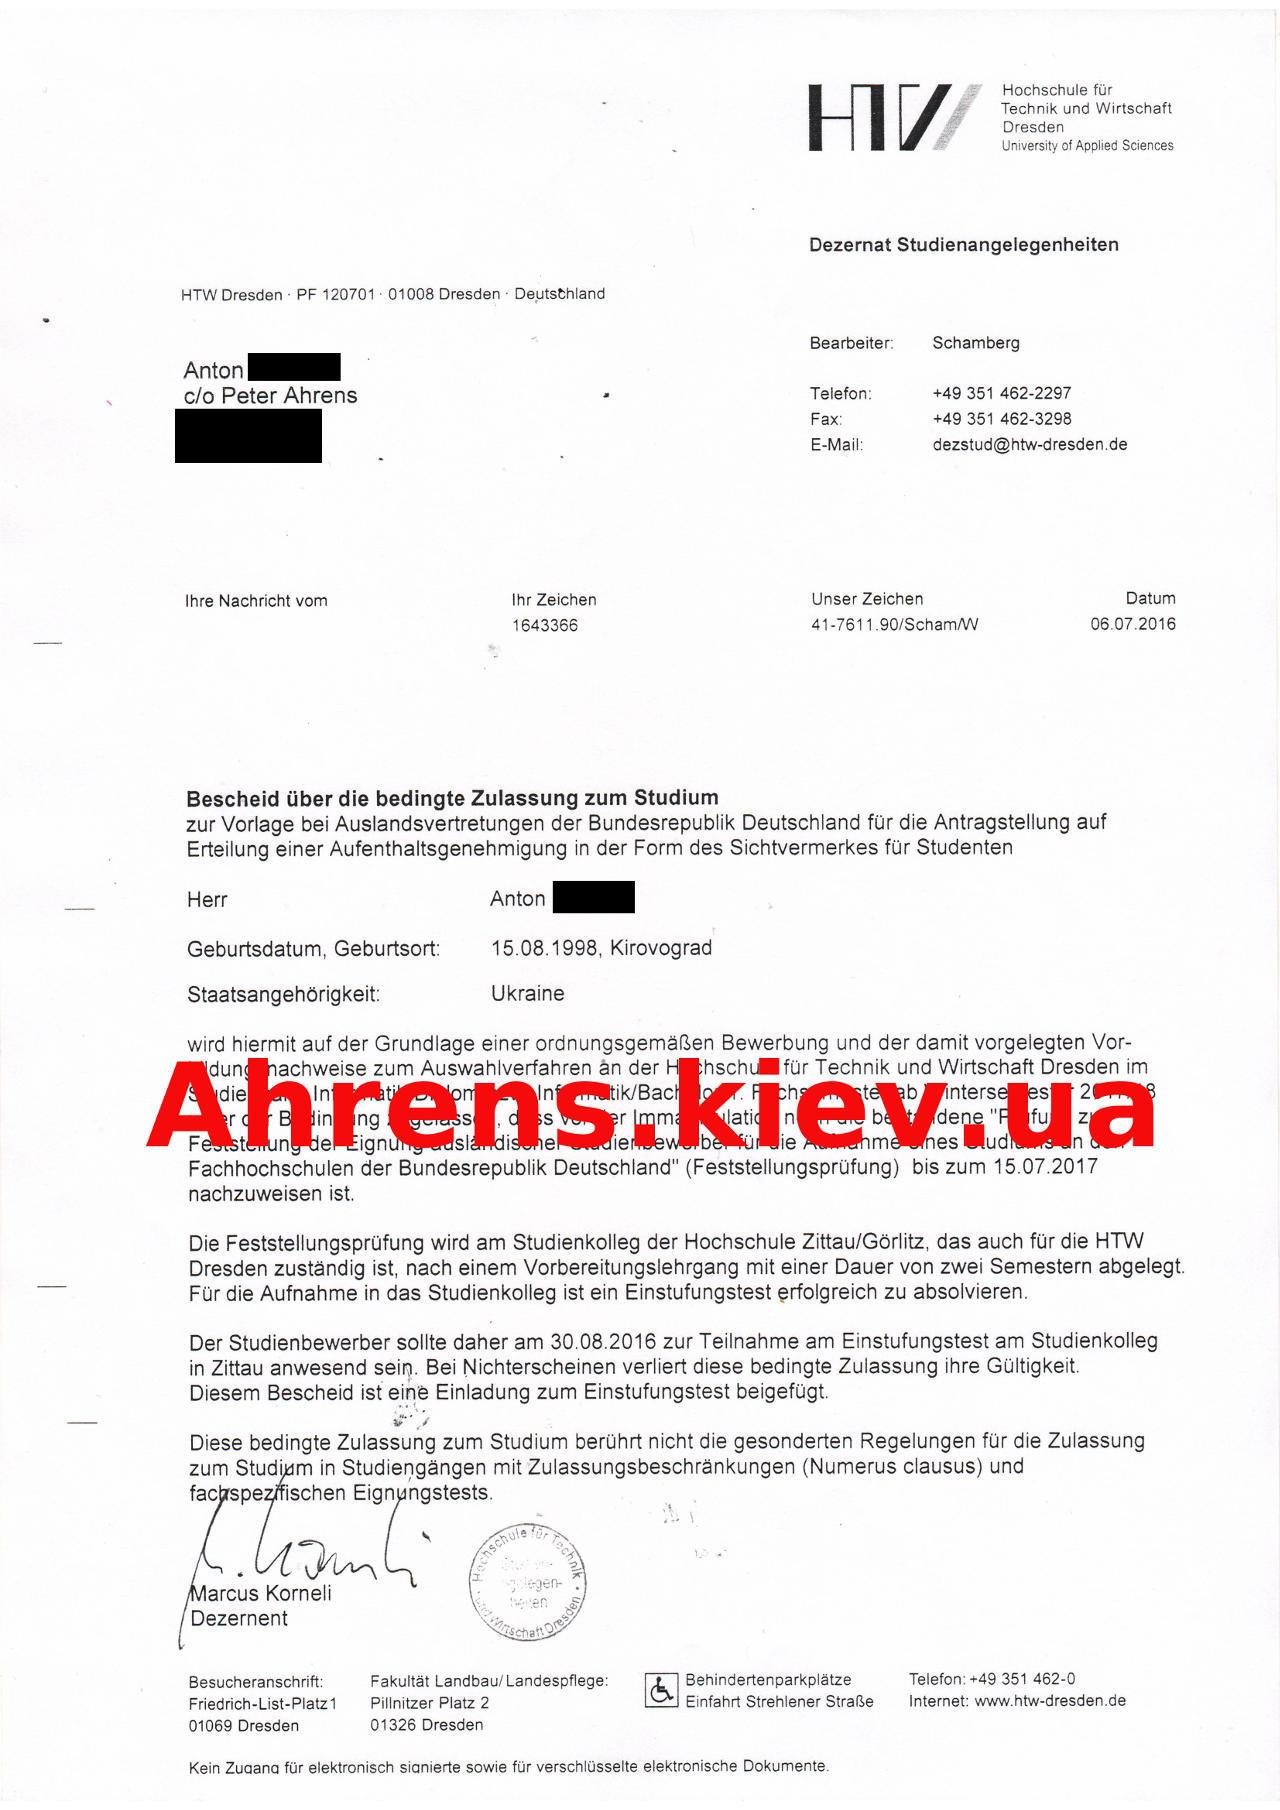 Zulassungsbescheide für Hochschulen in Deutschland - Studienkollegs ...